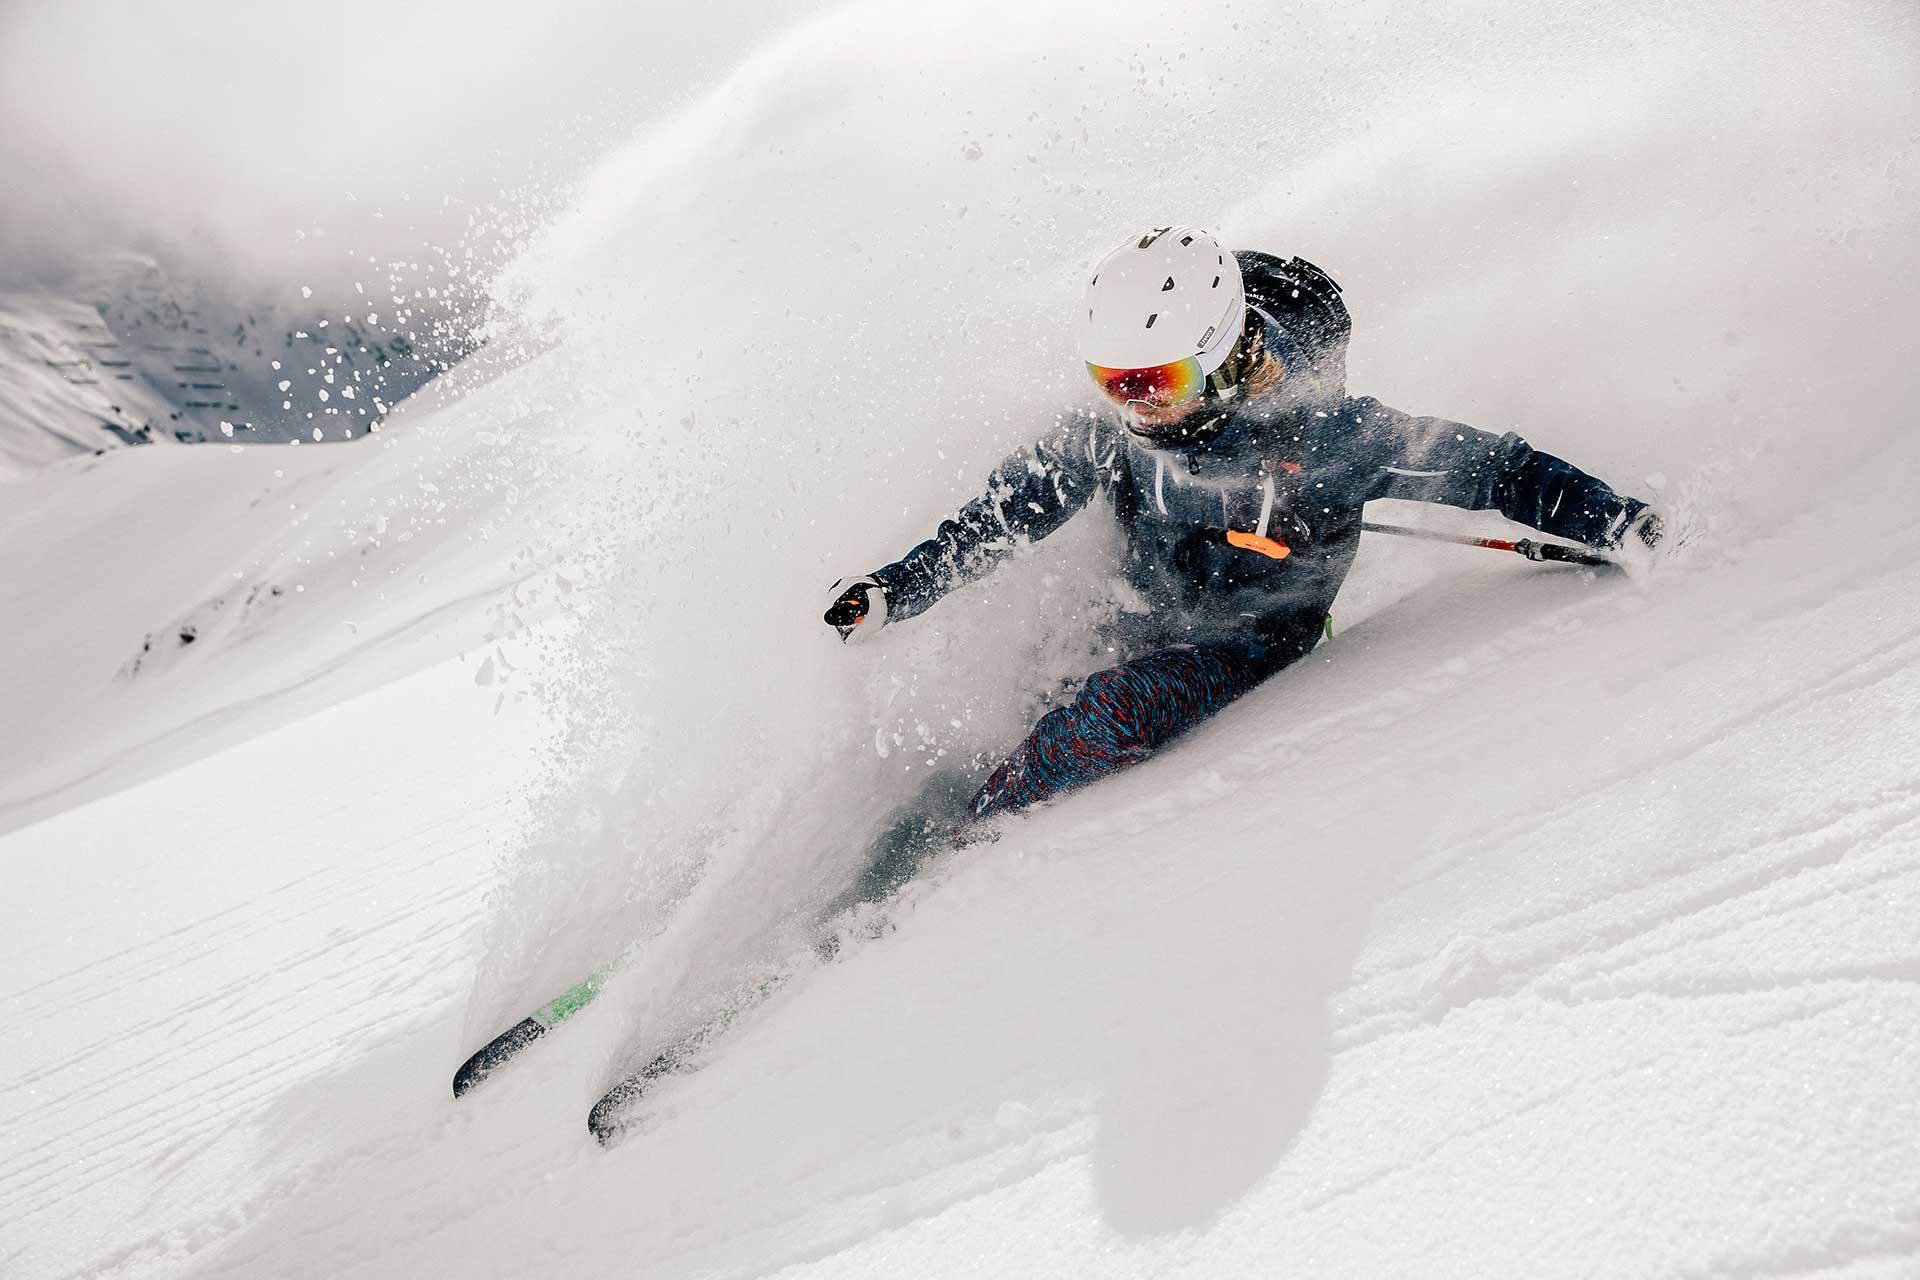 Tiefschnee Schwung Ski Winter Sport Fotograf Michael Müller München Aktion